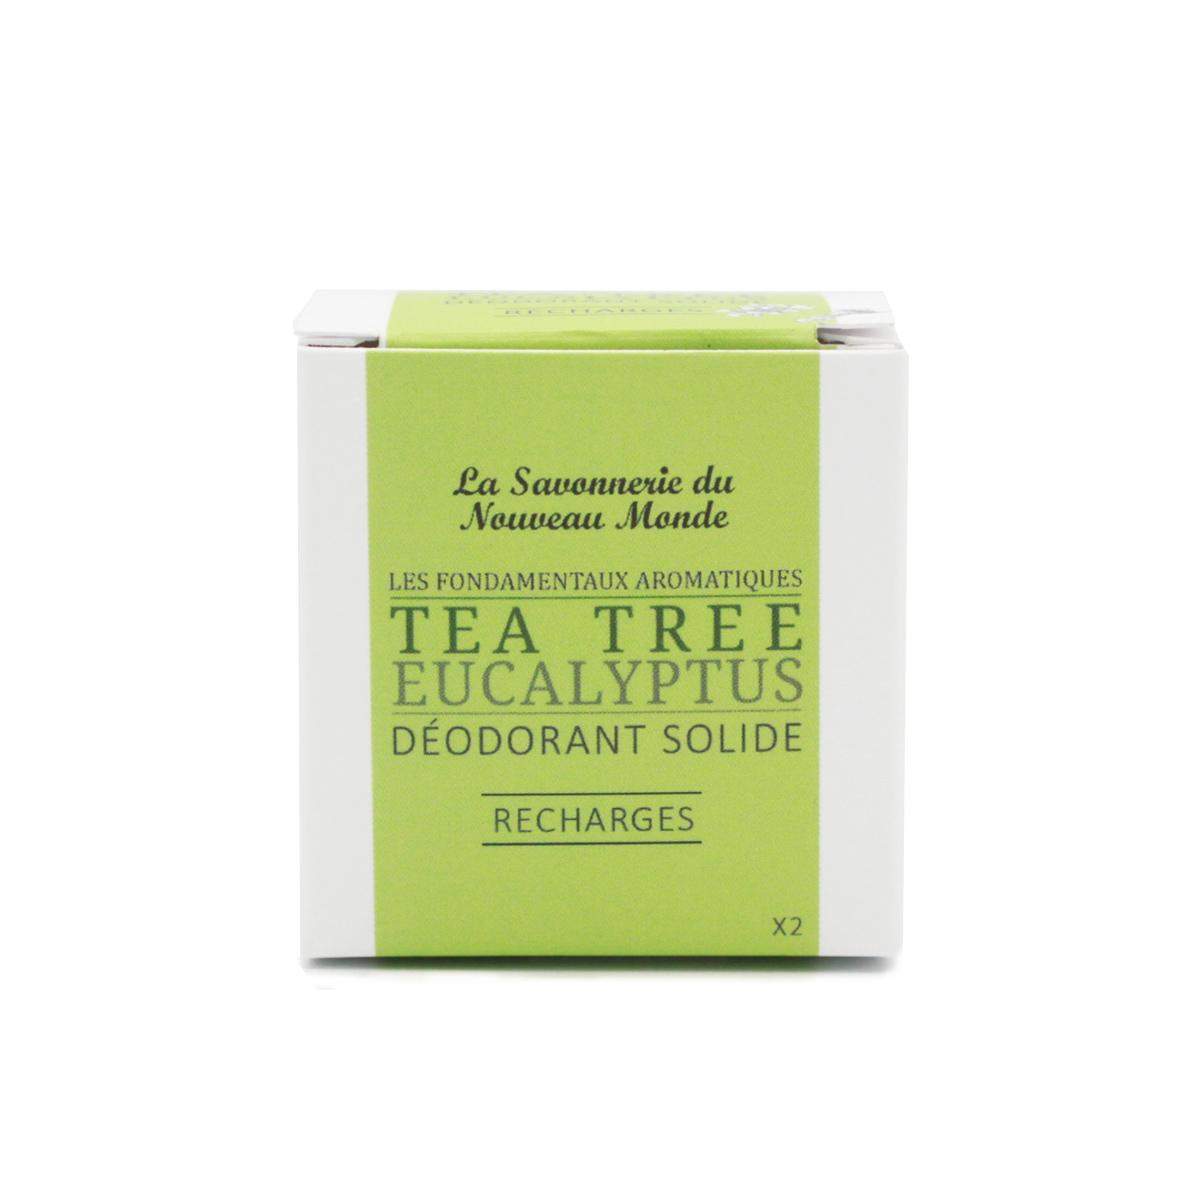 recharge déodorant solide teatree et eucalyptus - La savonnerie du nouveau monde